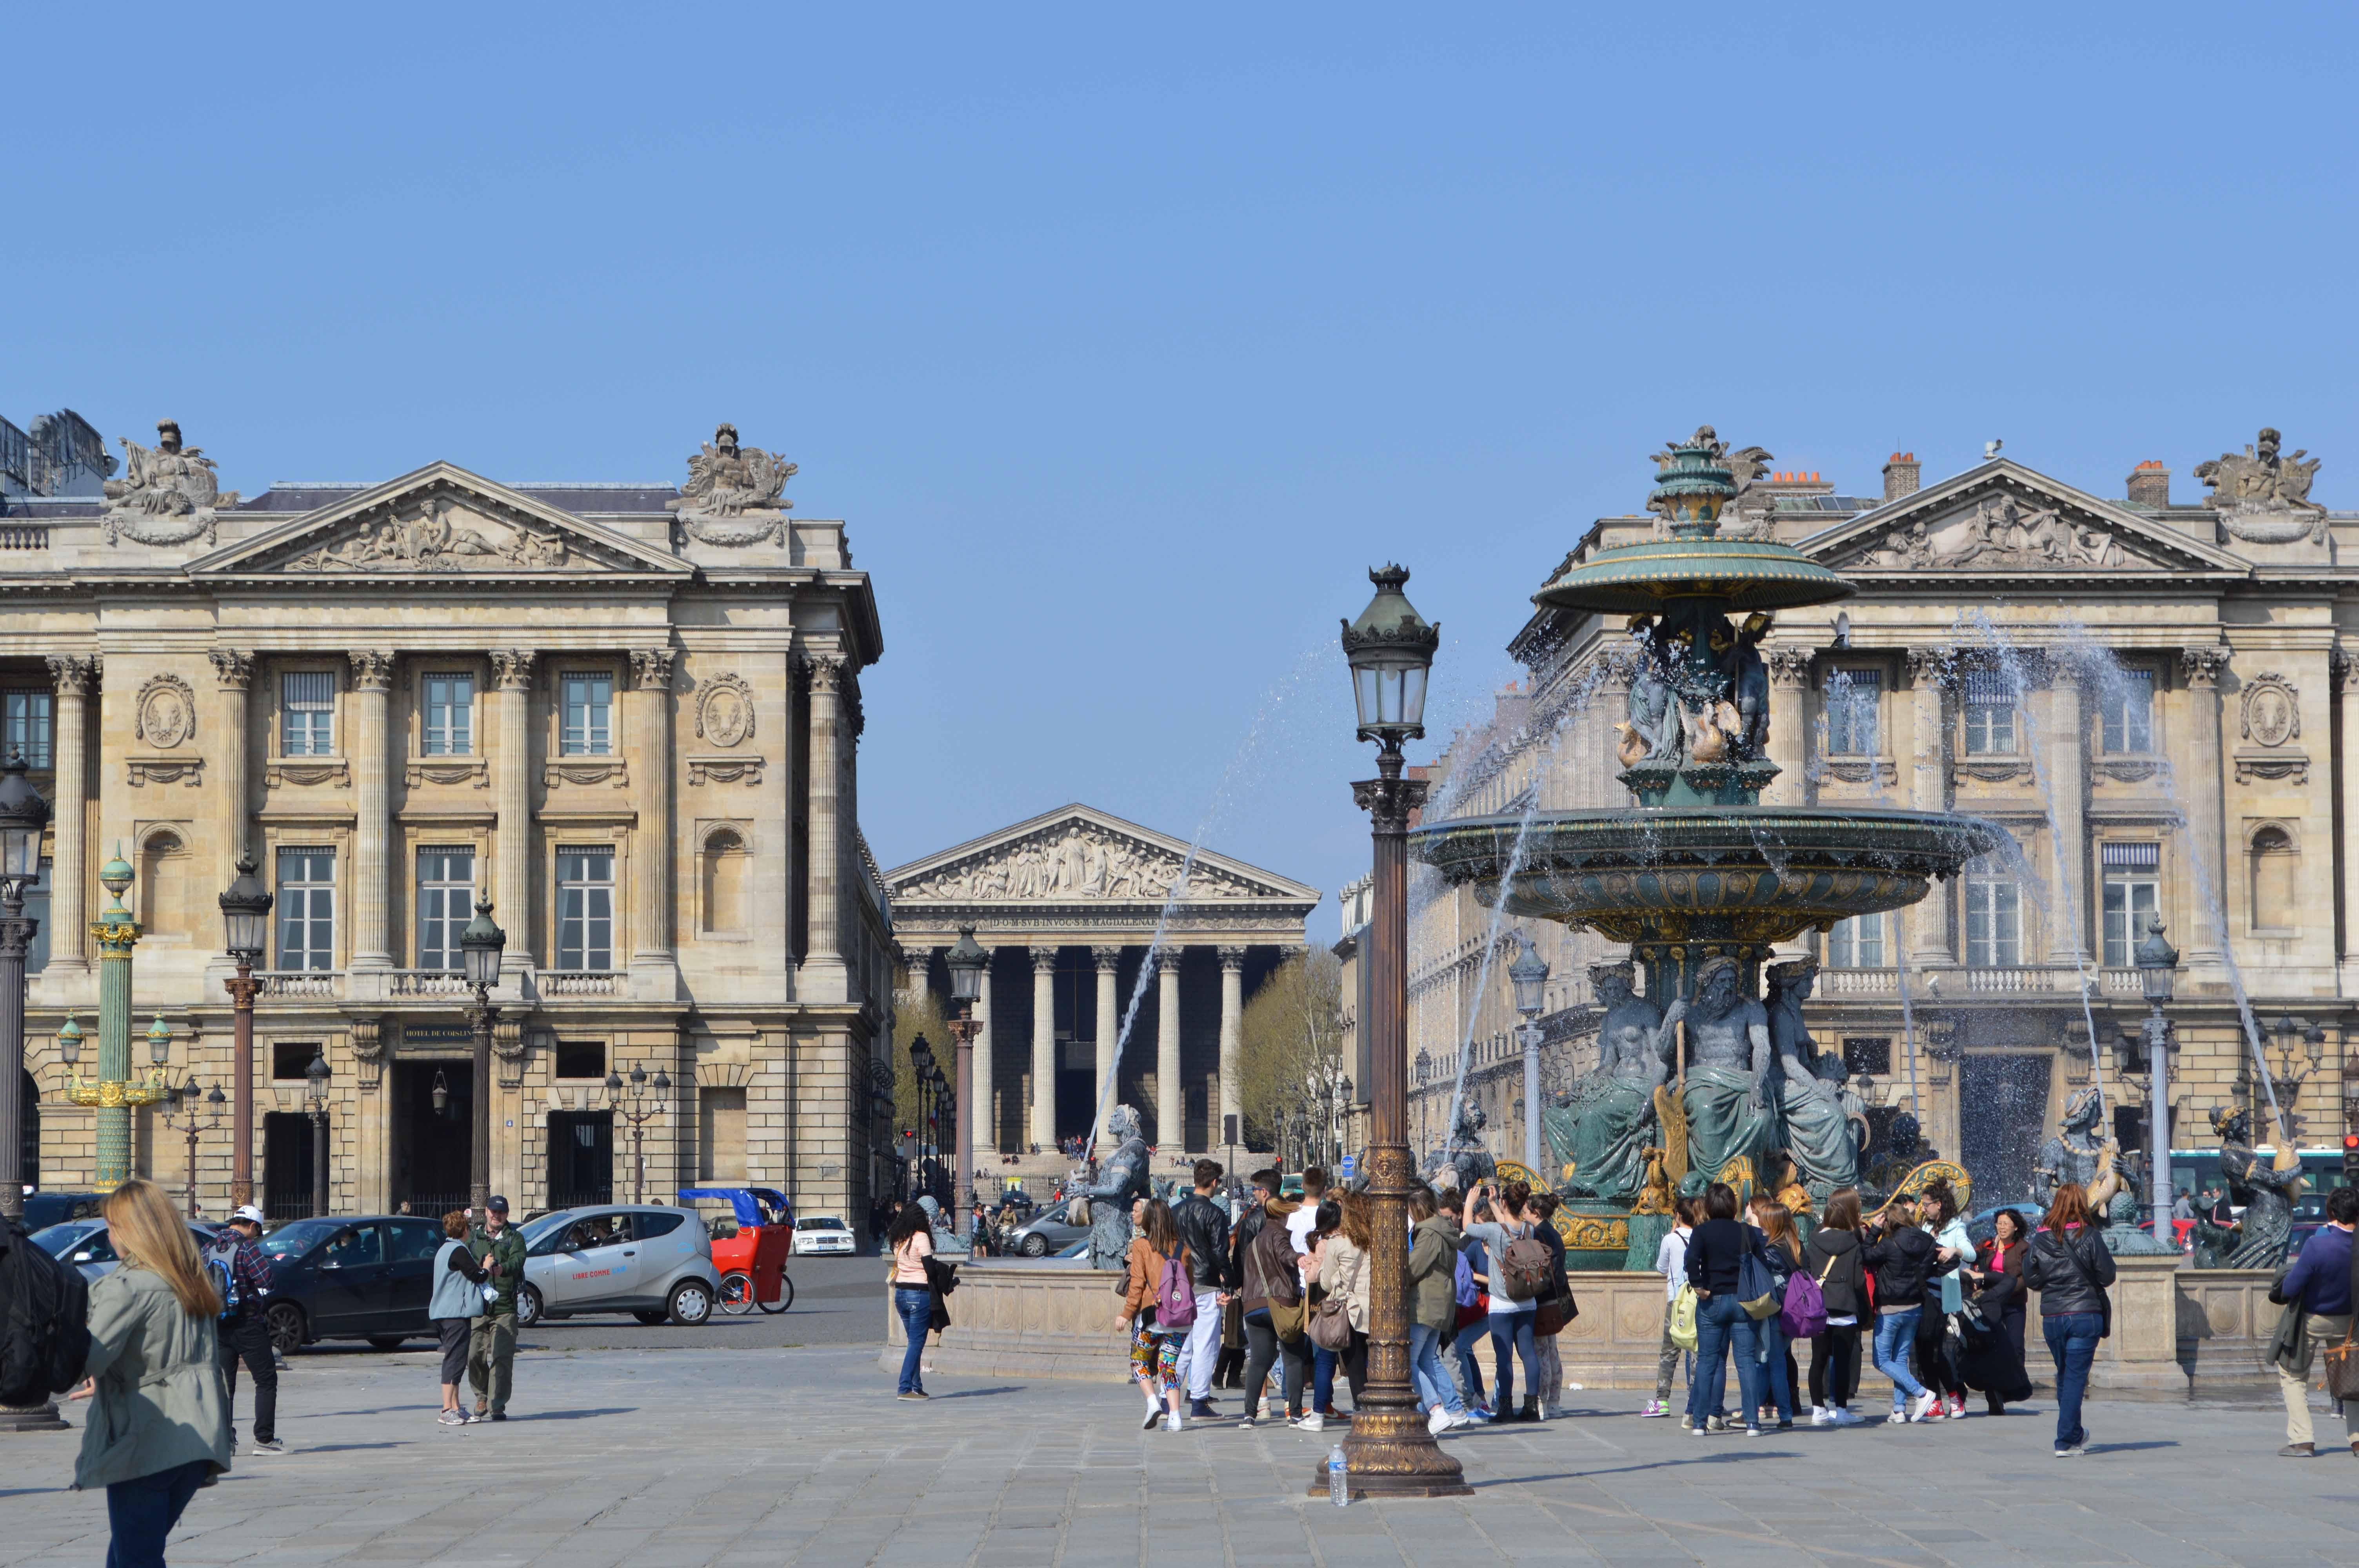 Plaza De La Concordia plaza de la concordia y el obelisco de luxor   viajes de ark